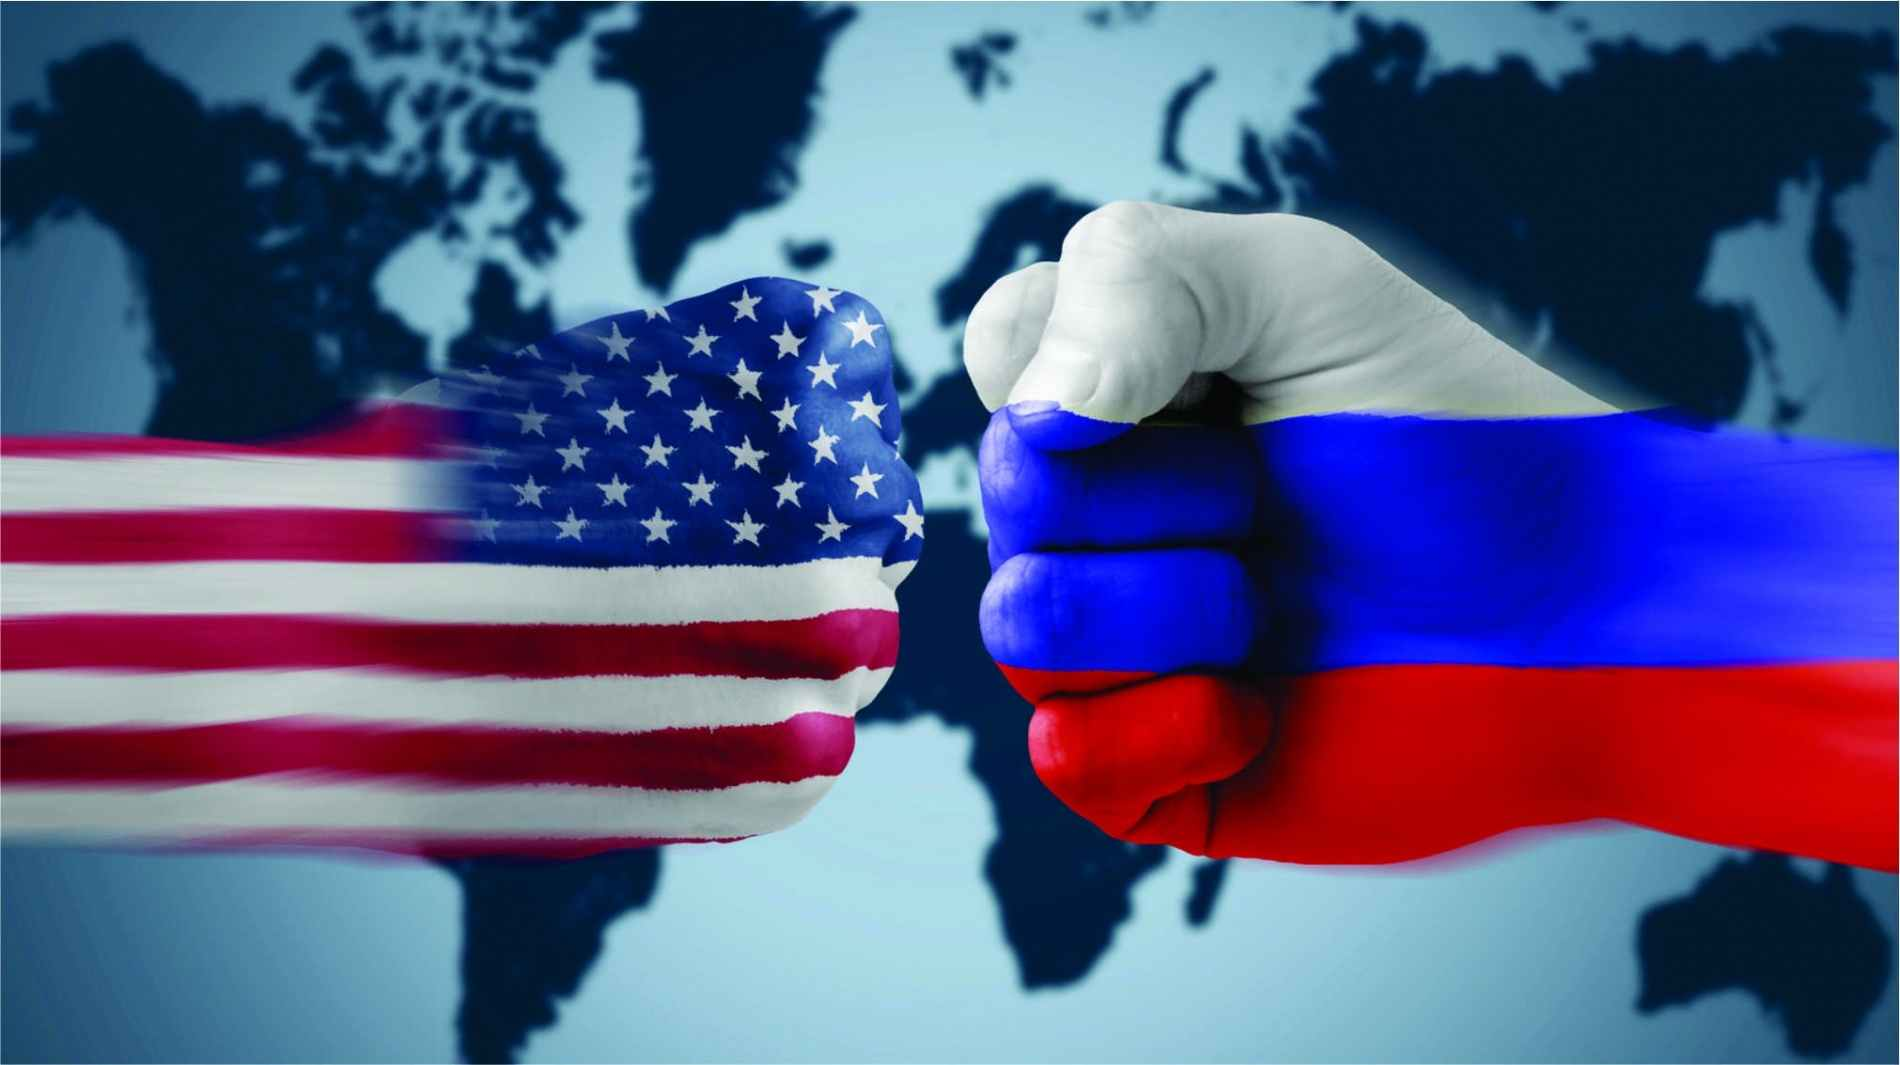 Москва понудила Вашингтону да се укину сва ограничења која су две земље увеле у последњих неколико година